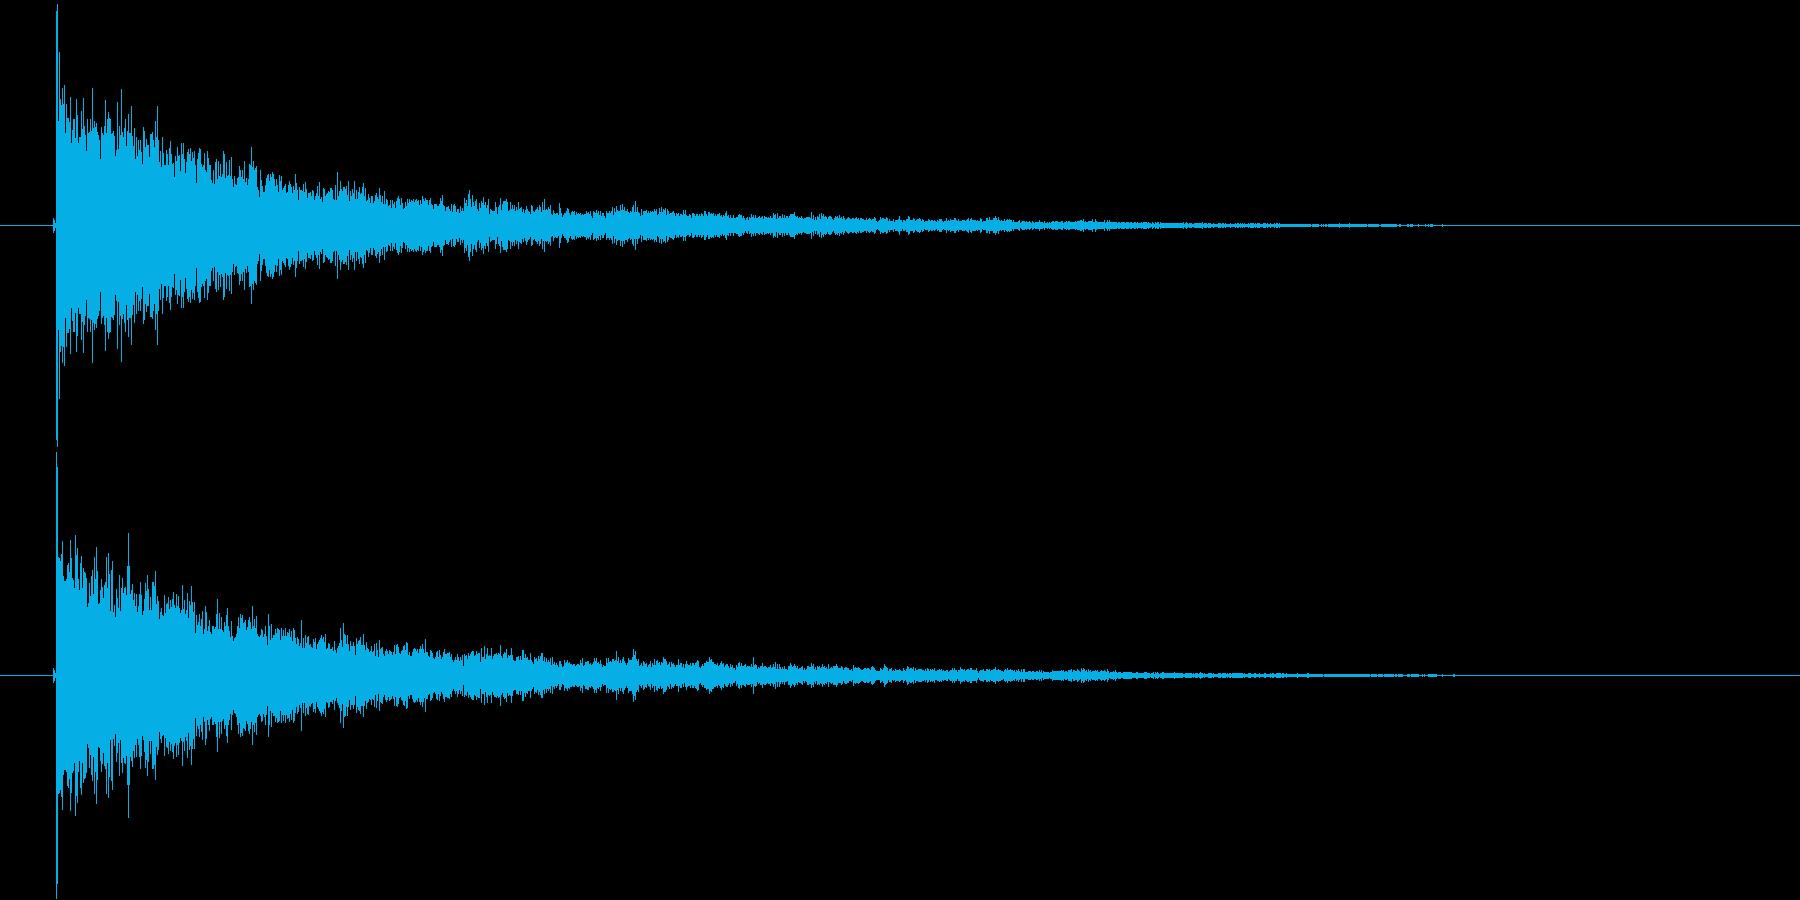 ガシャーン(割れる音、クラッシュ音)の再生済みの波形